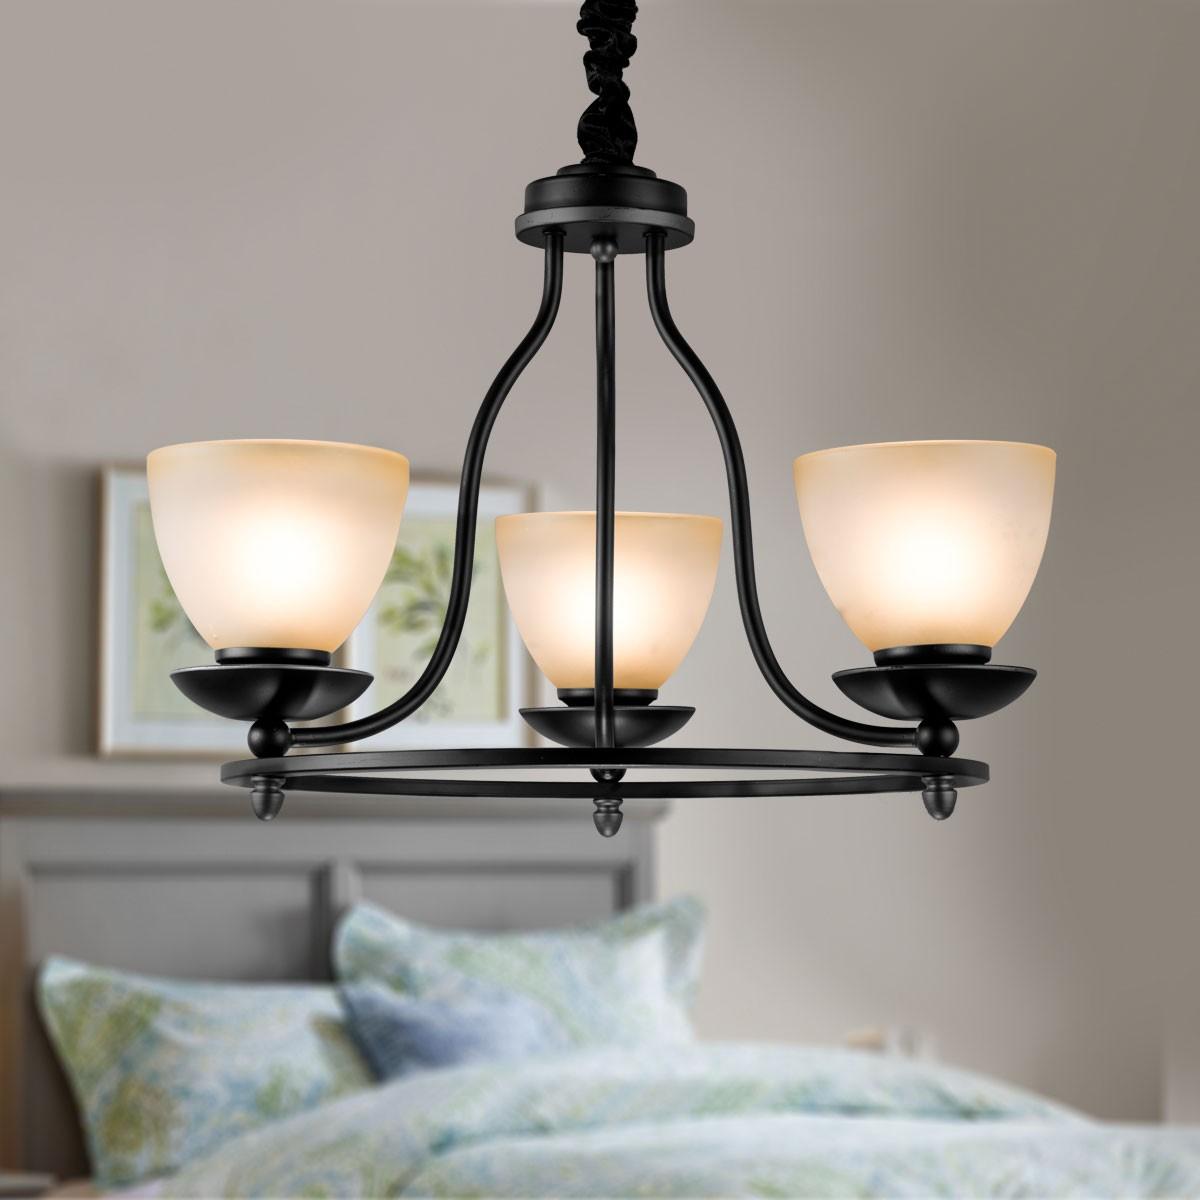 lustre en fer forg avec abat jour en verre 3 ampoules noir dk 2037 3 decoraport canada. Black Bedroom Furniture Sets. Home Design Ideas